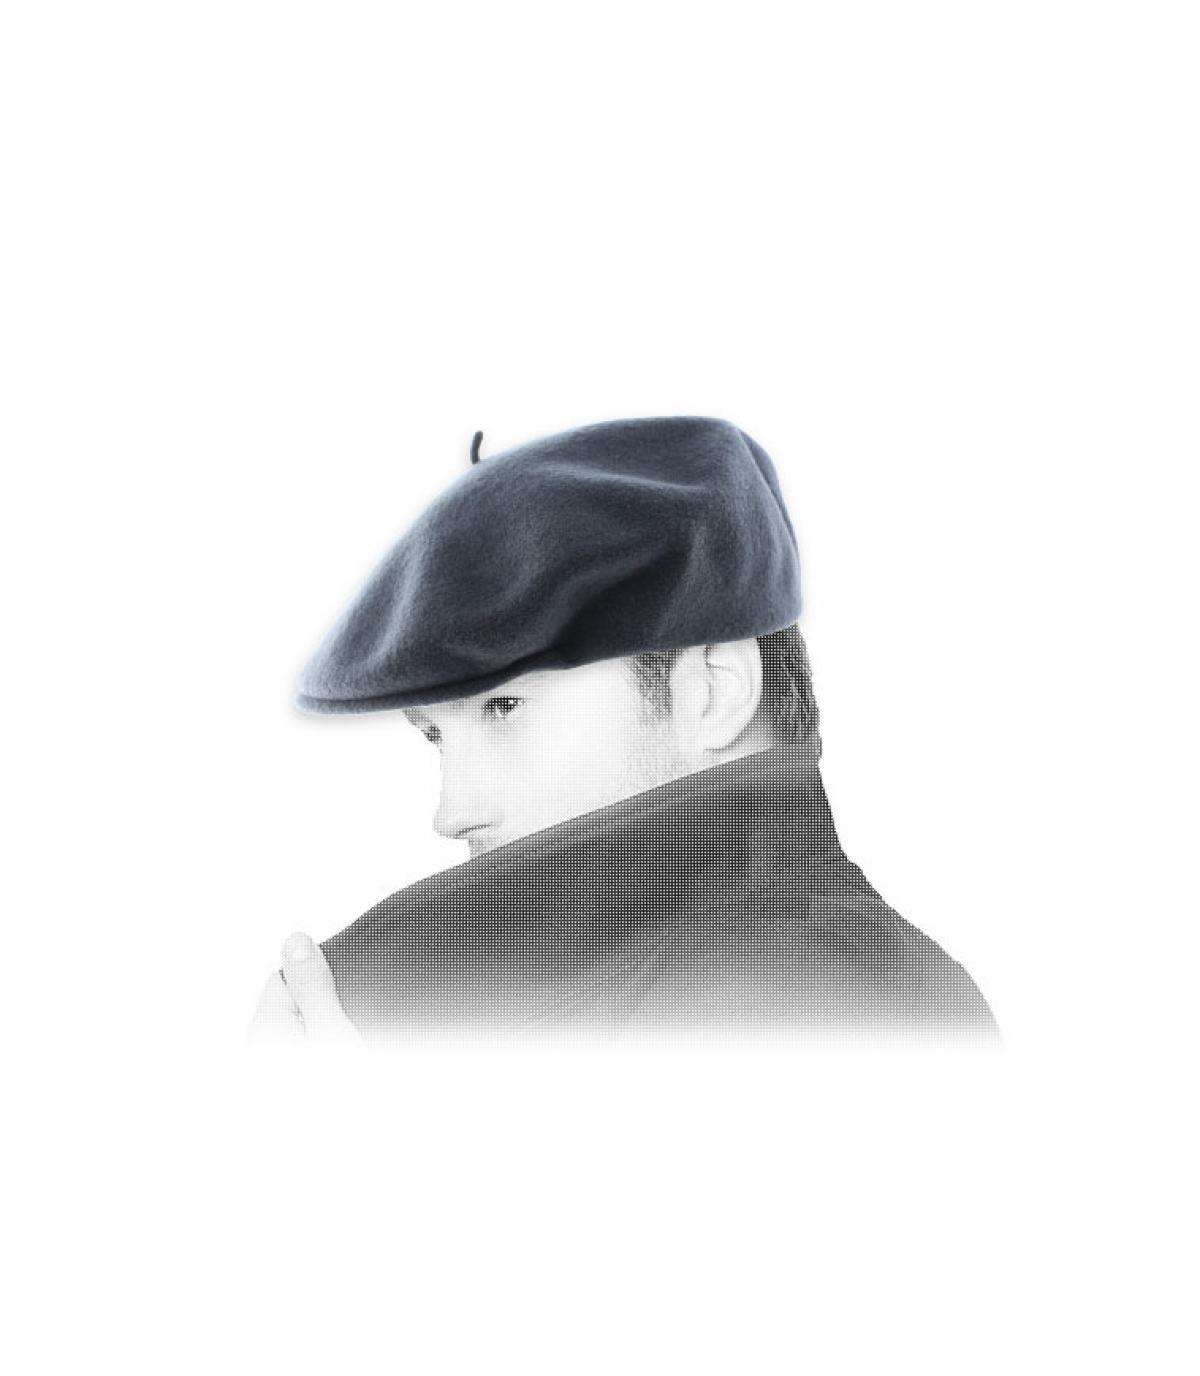 grey duckbill cap Laulhère